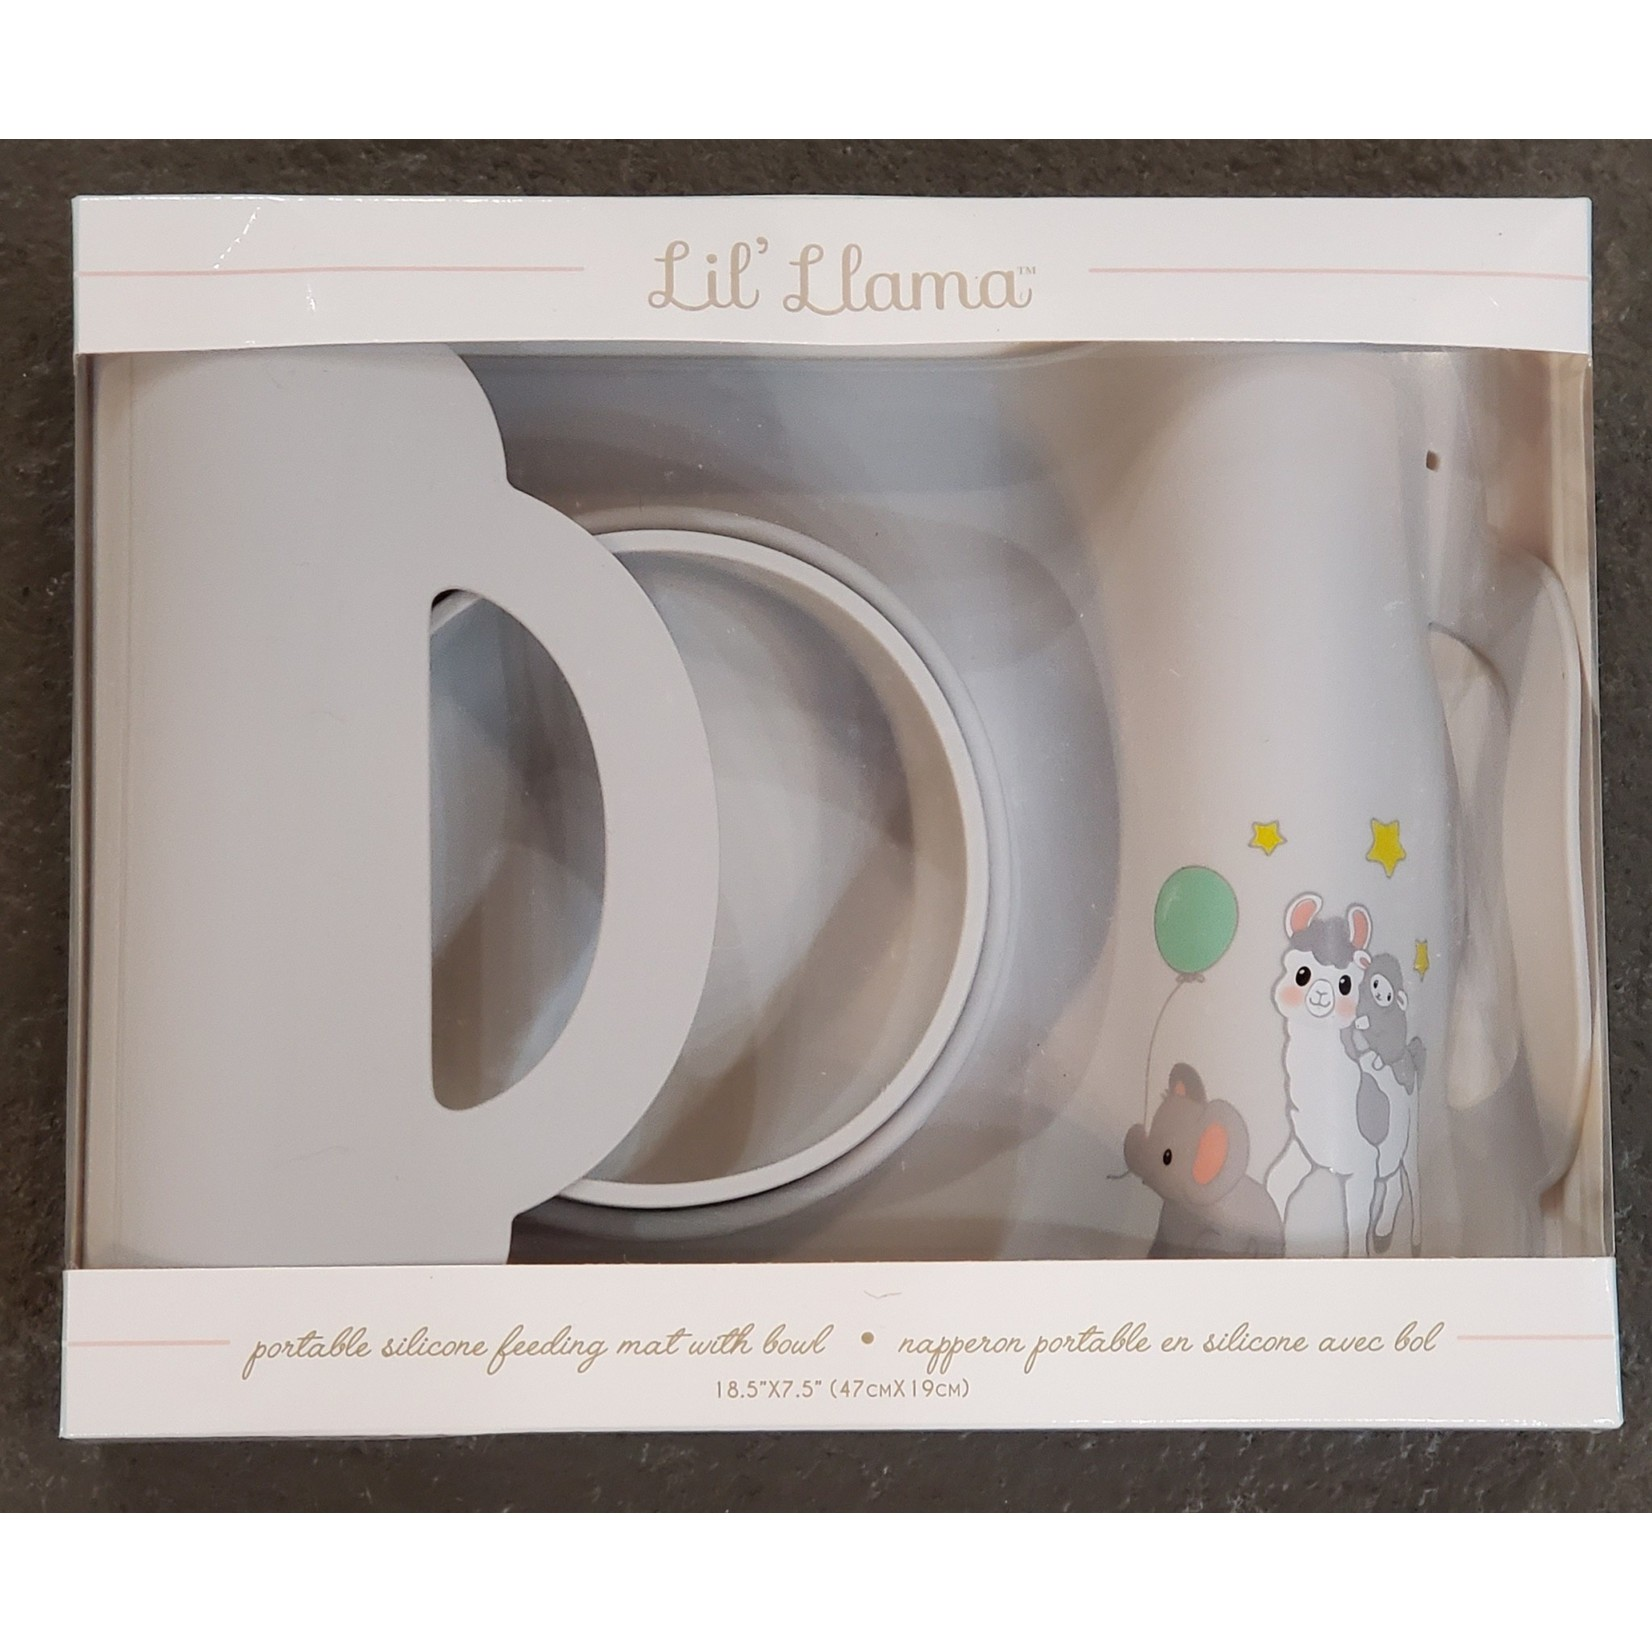 Giftcraft Inc. Lil Llama Silcone Feeding Mat